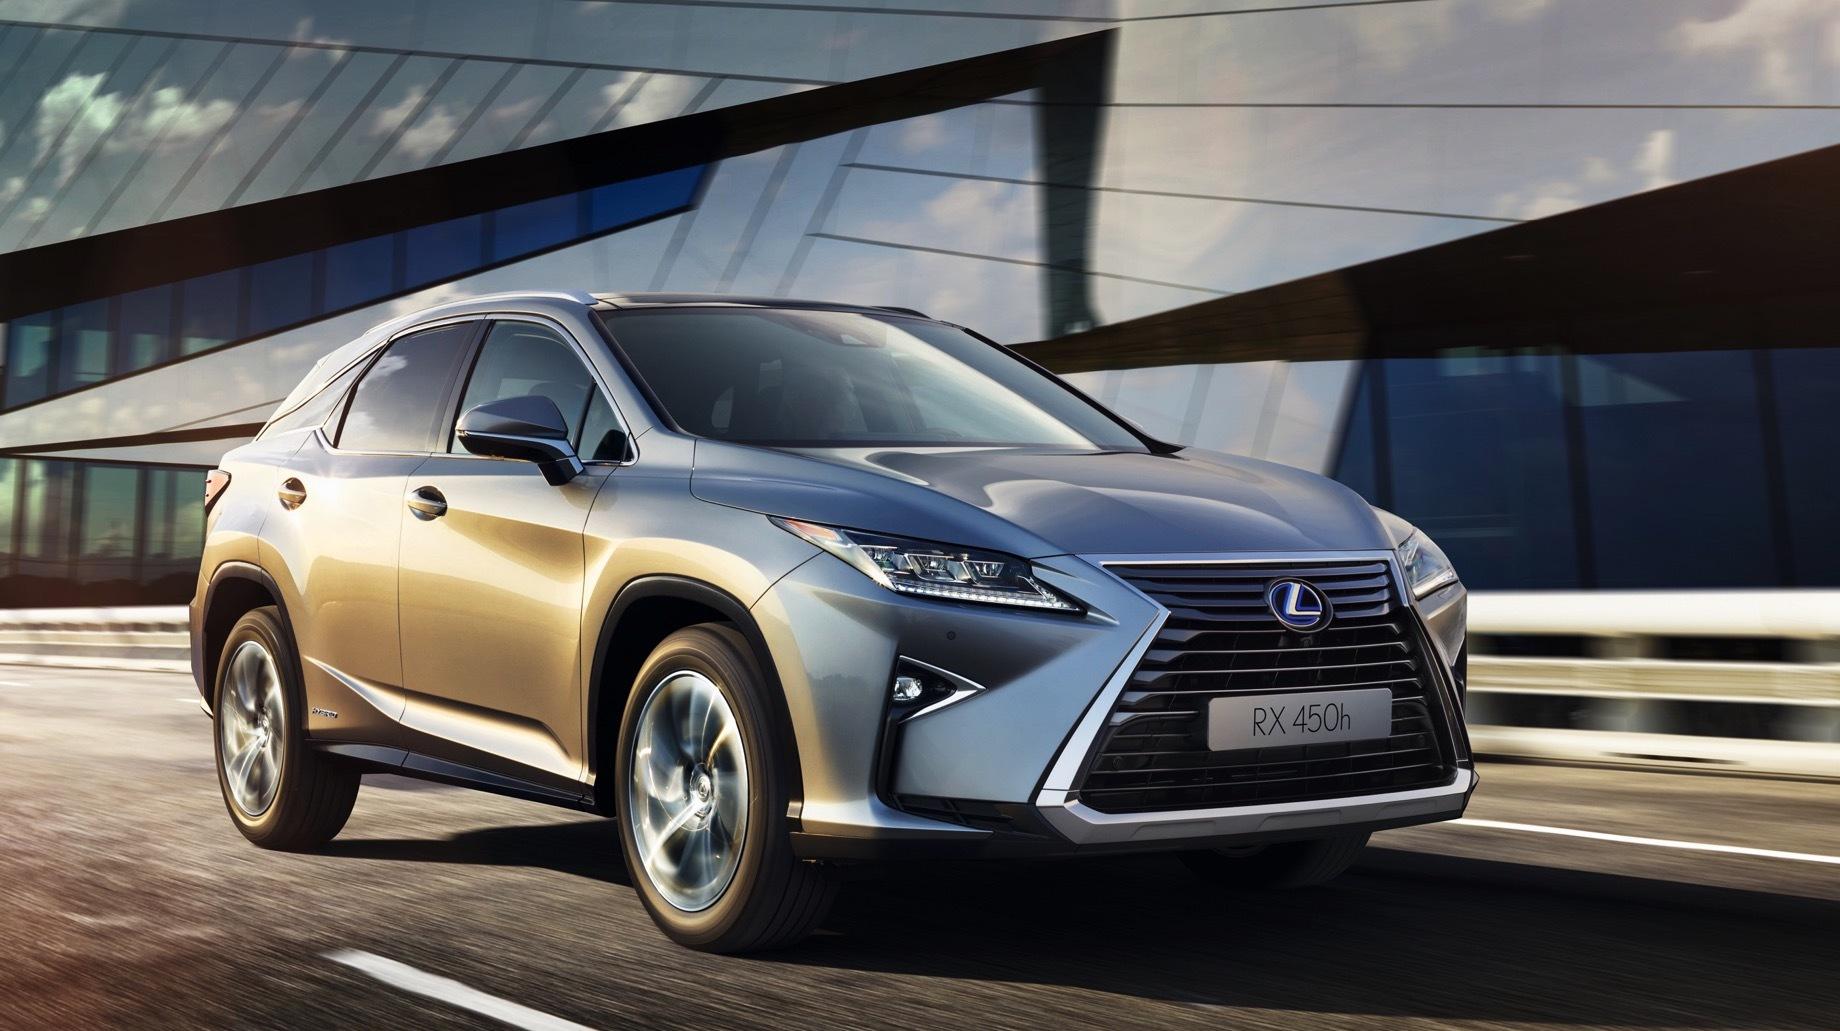 Toyota highlander,Toyota rav4,Toyota land cruiser prado,Lexus rx. Предыдущий отзыв Лексуса RX проводился в мае 2018 года из-за сенсоров эйрбэгов. До этого, в апреле 2016-го, возникали неполадки в гидроблоке.